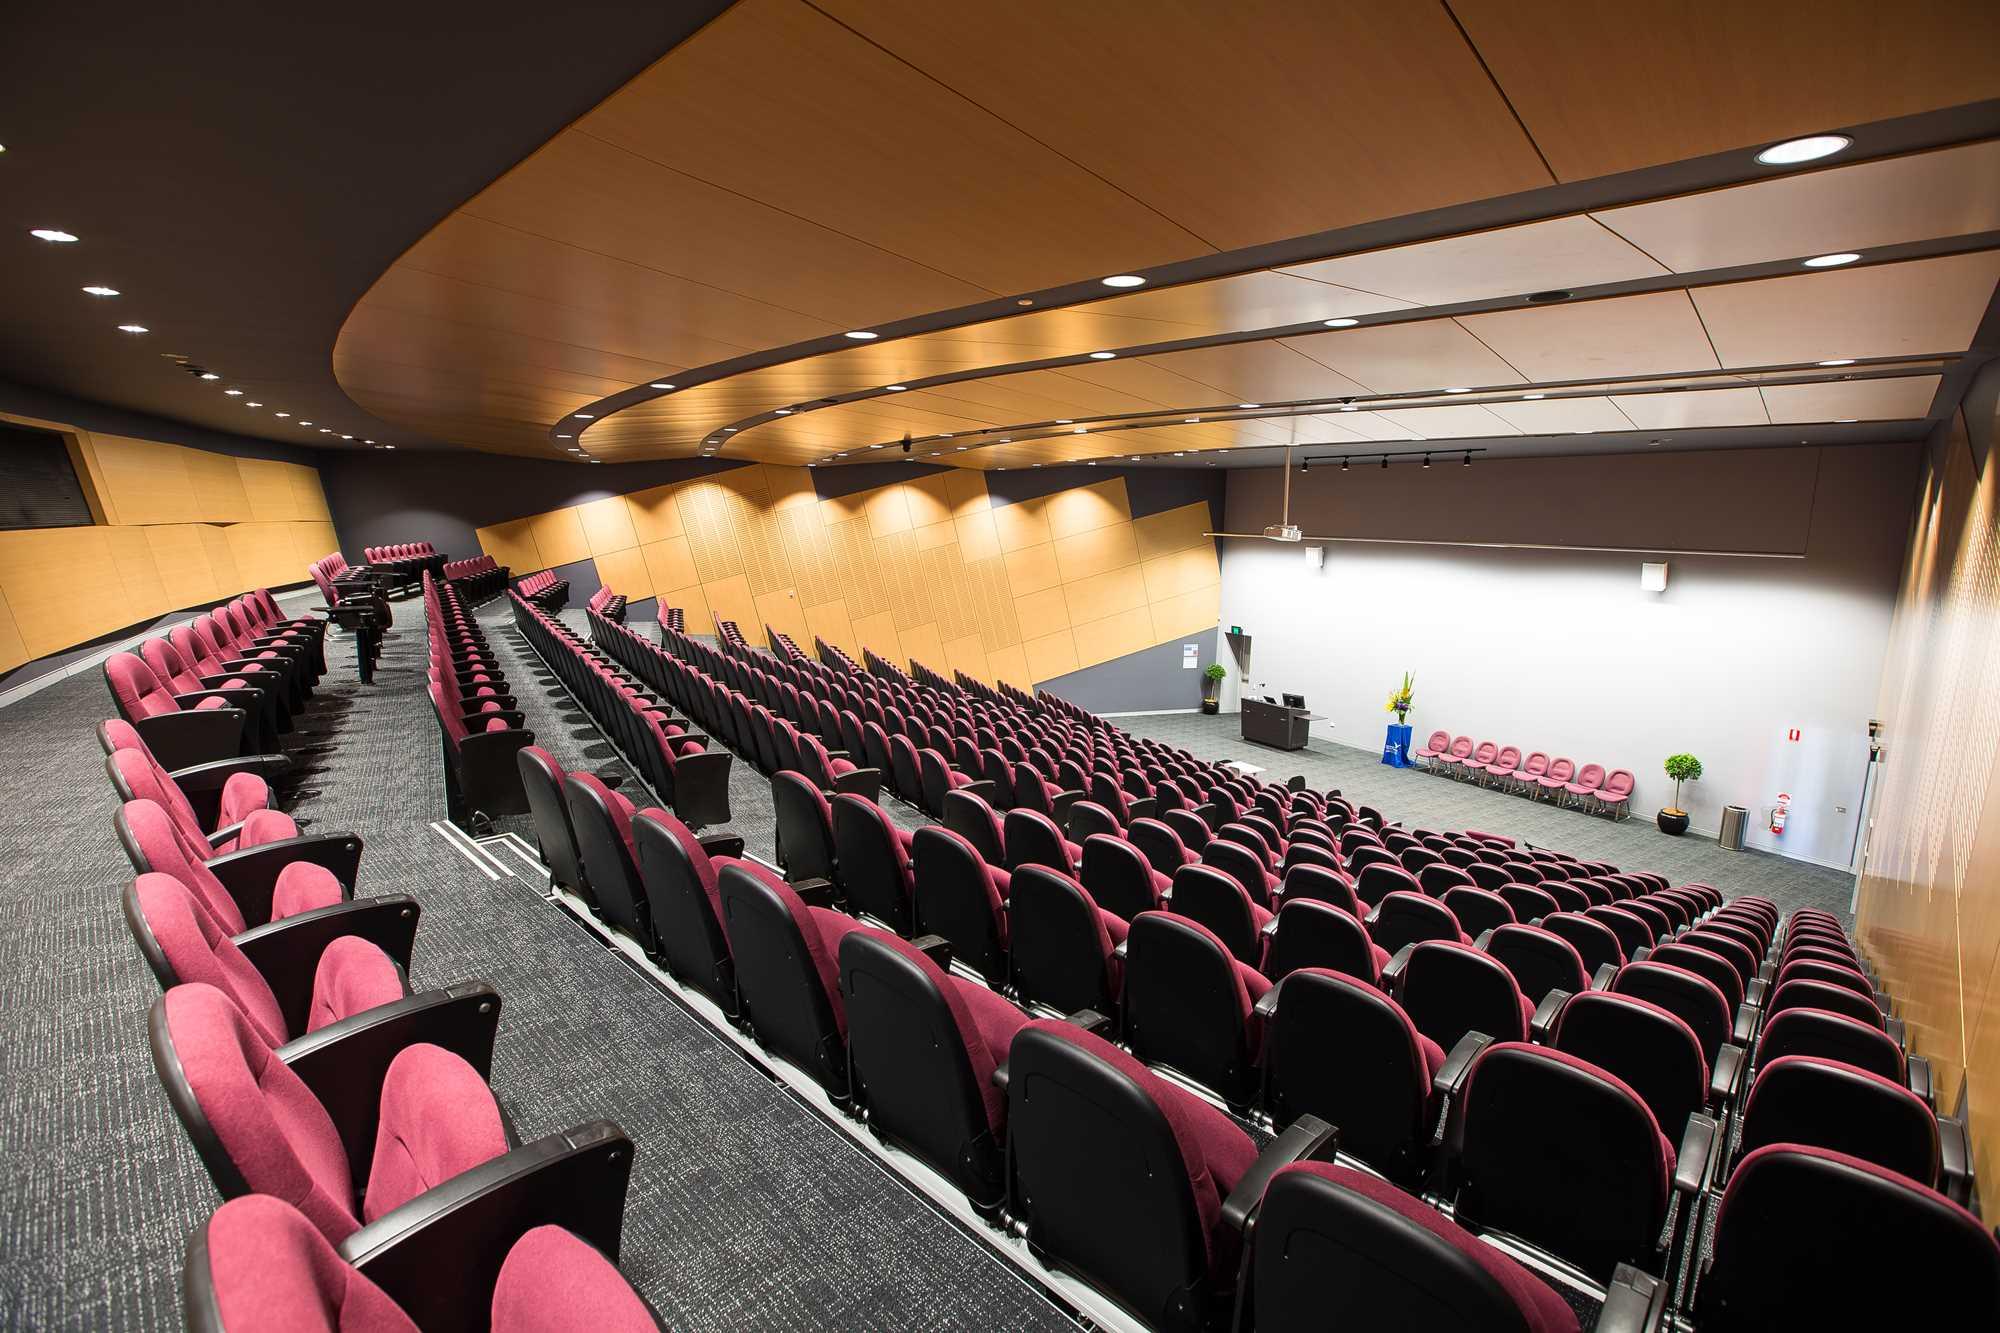 UWS Lecture Theatre 6